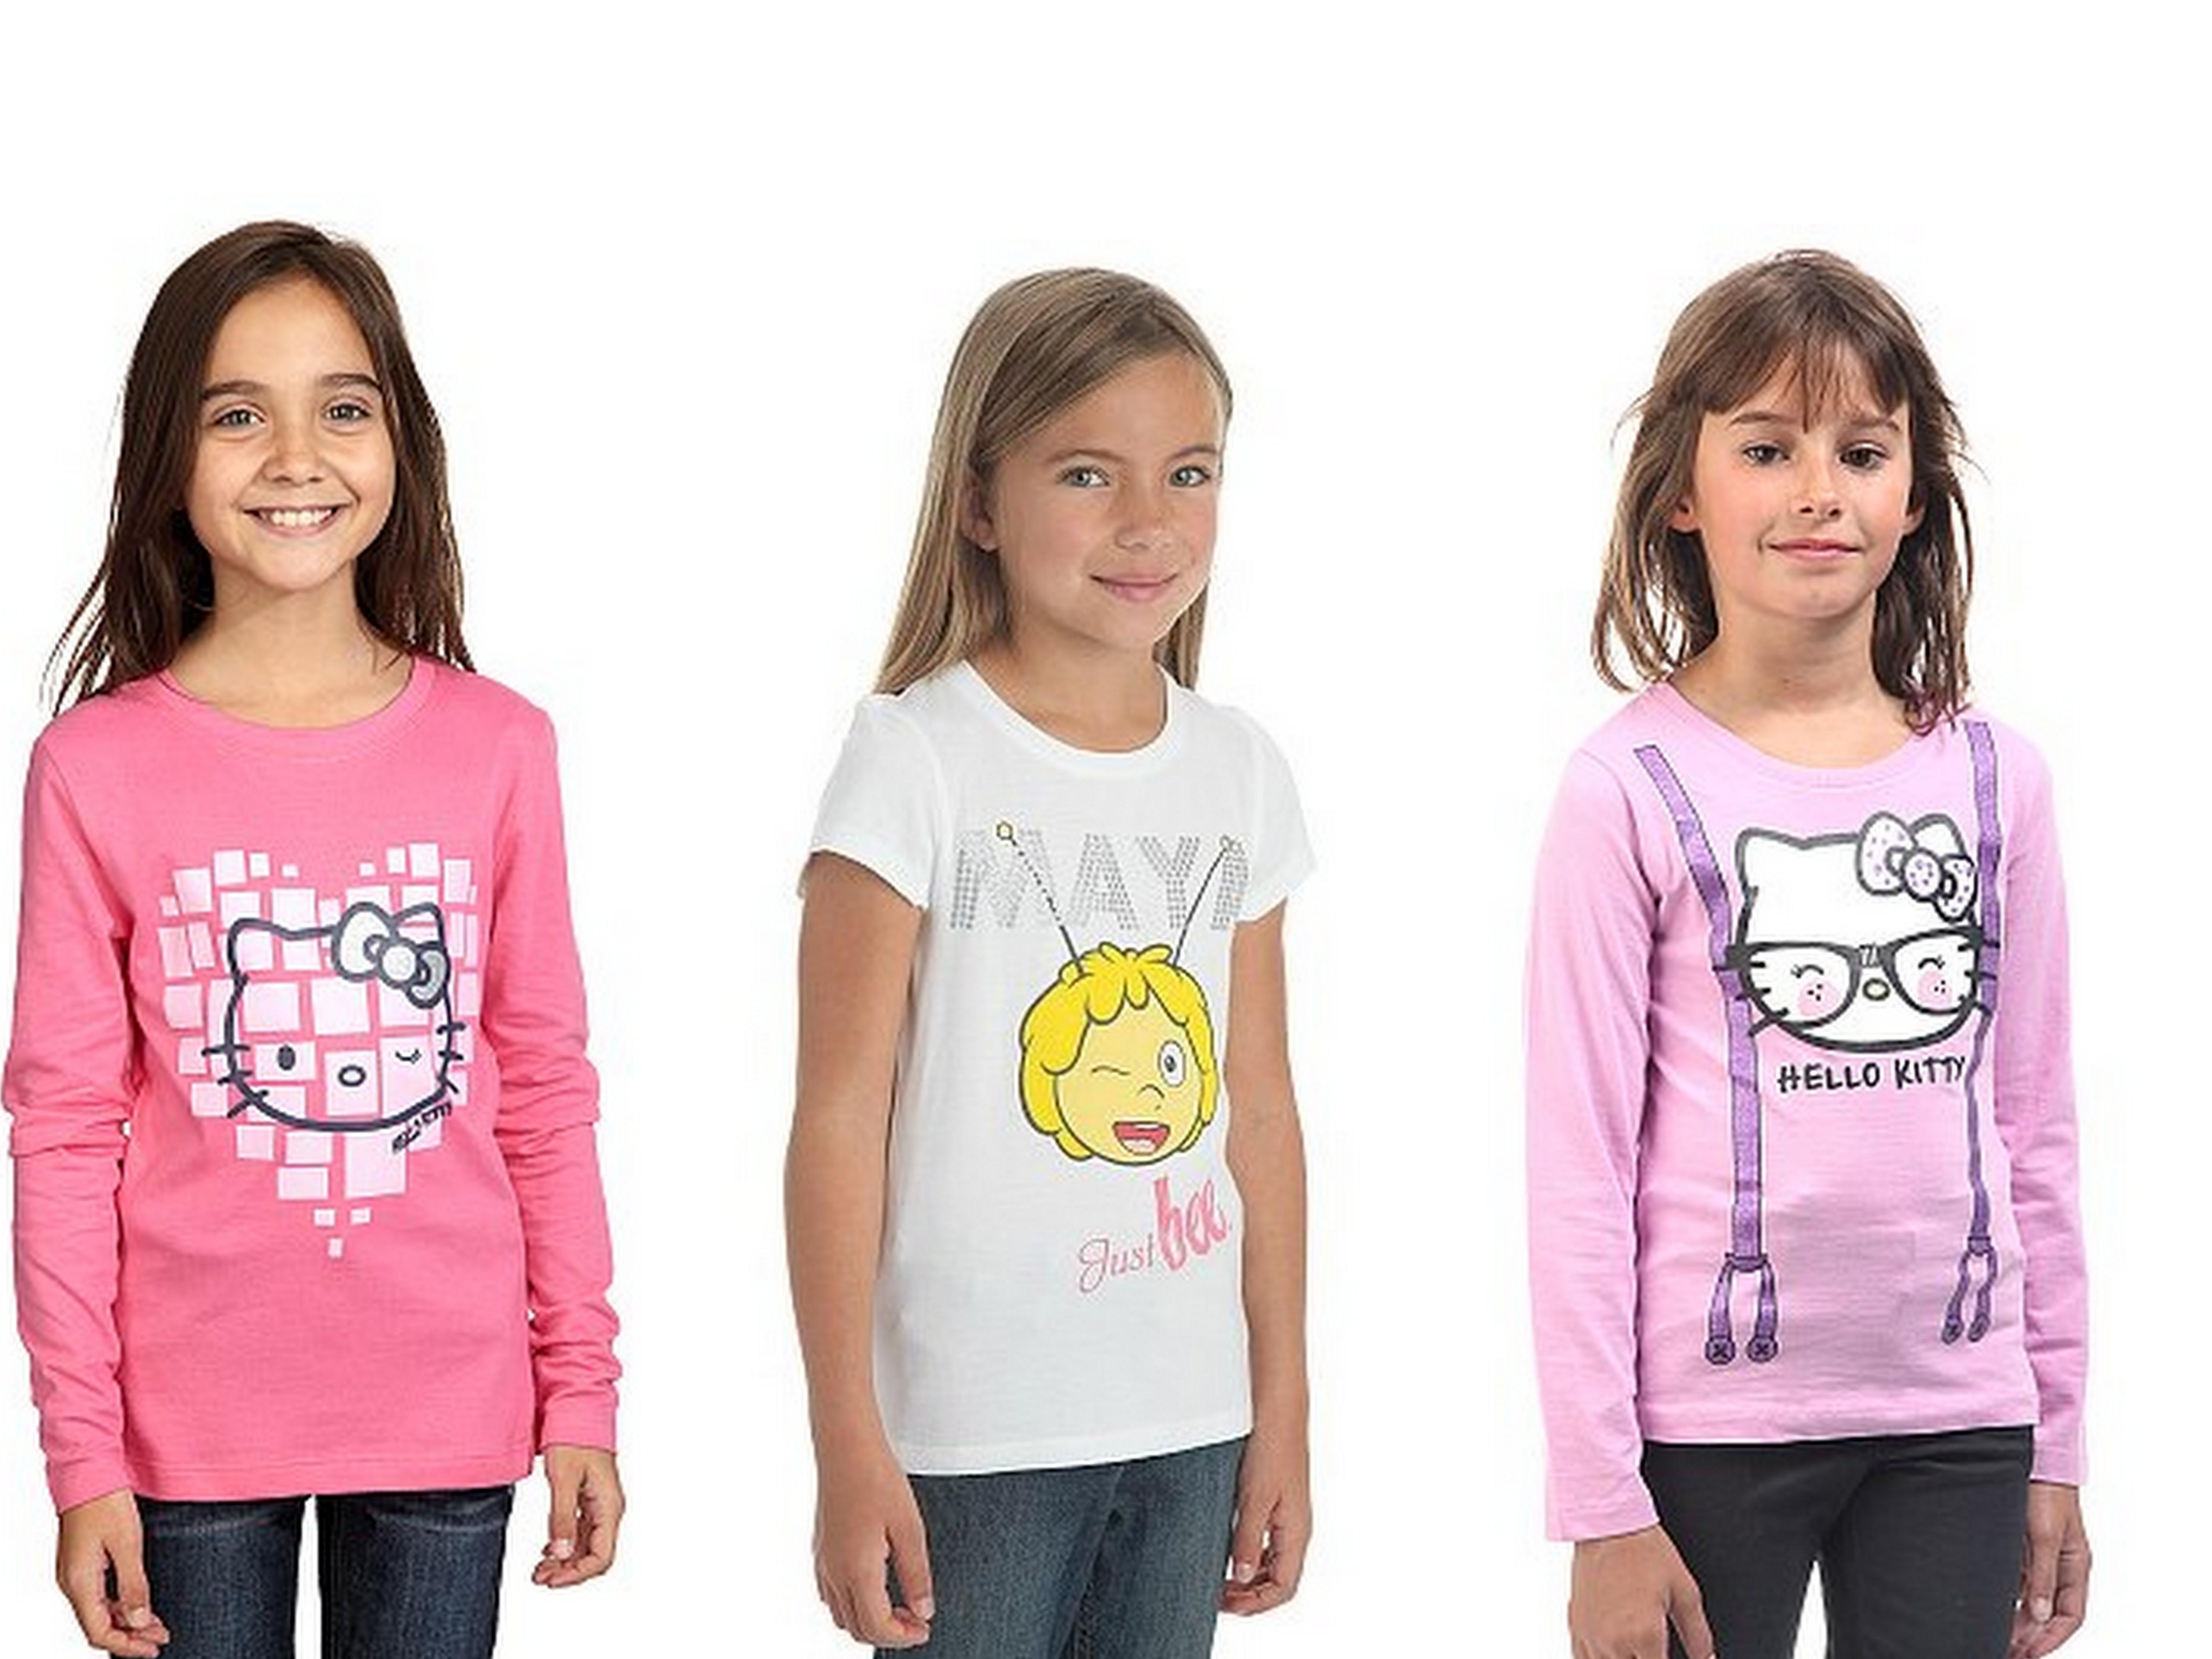 moda infantil online barata